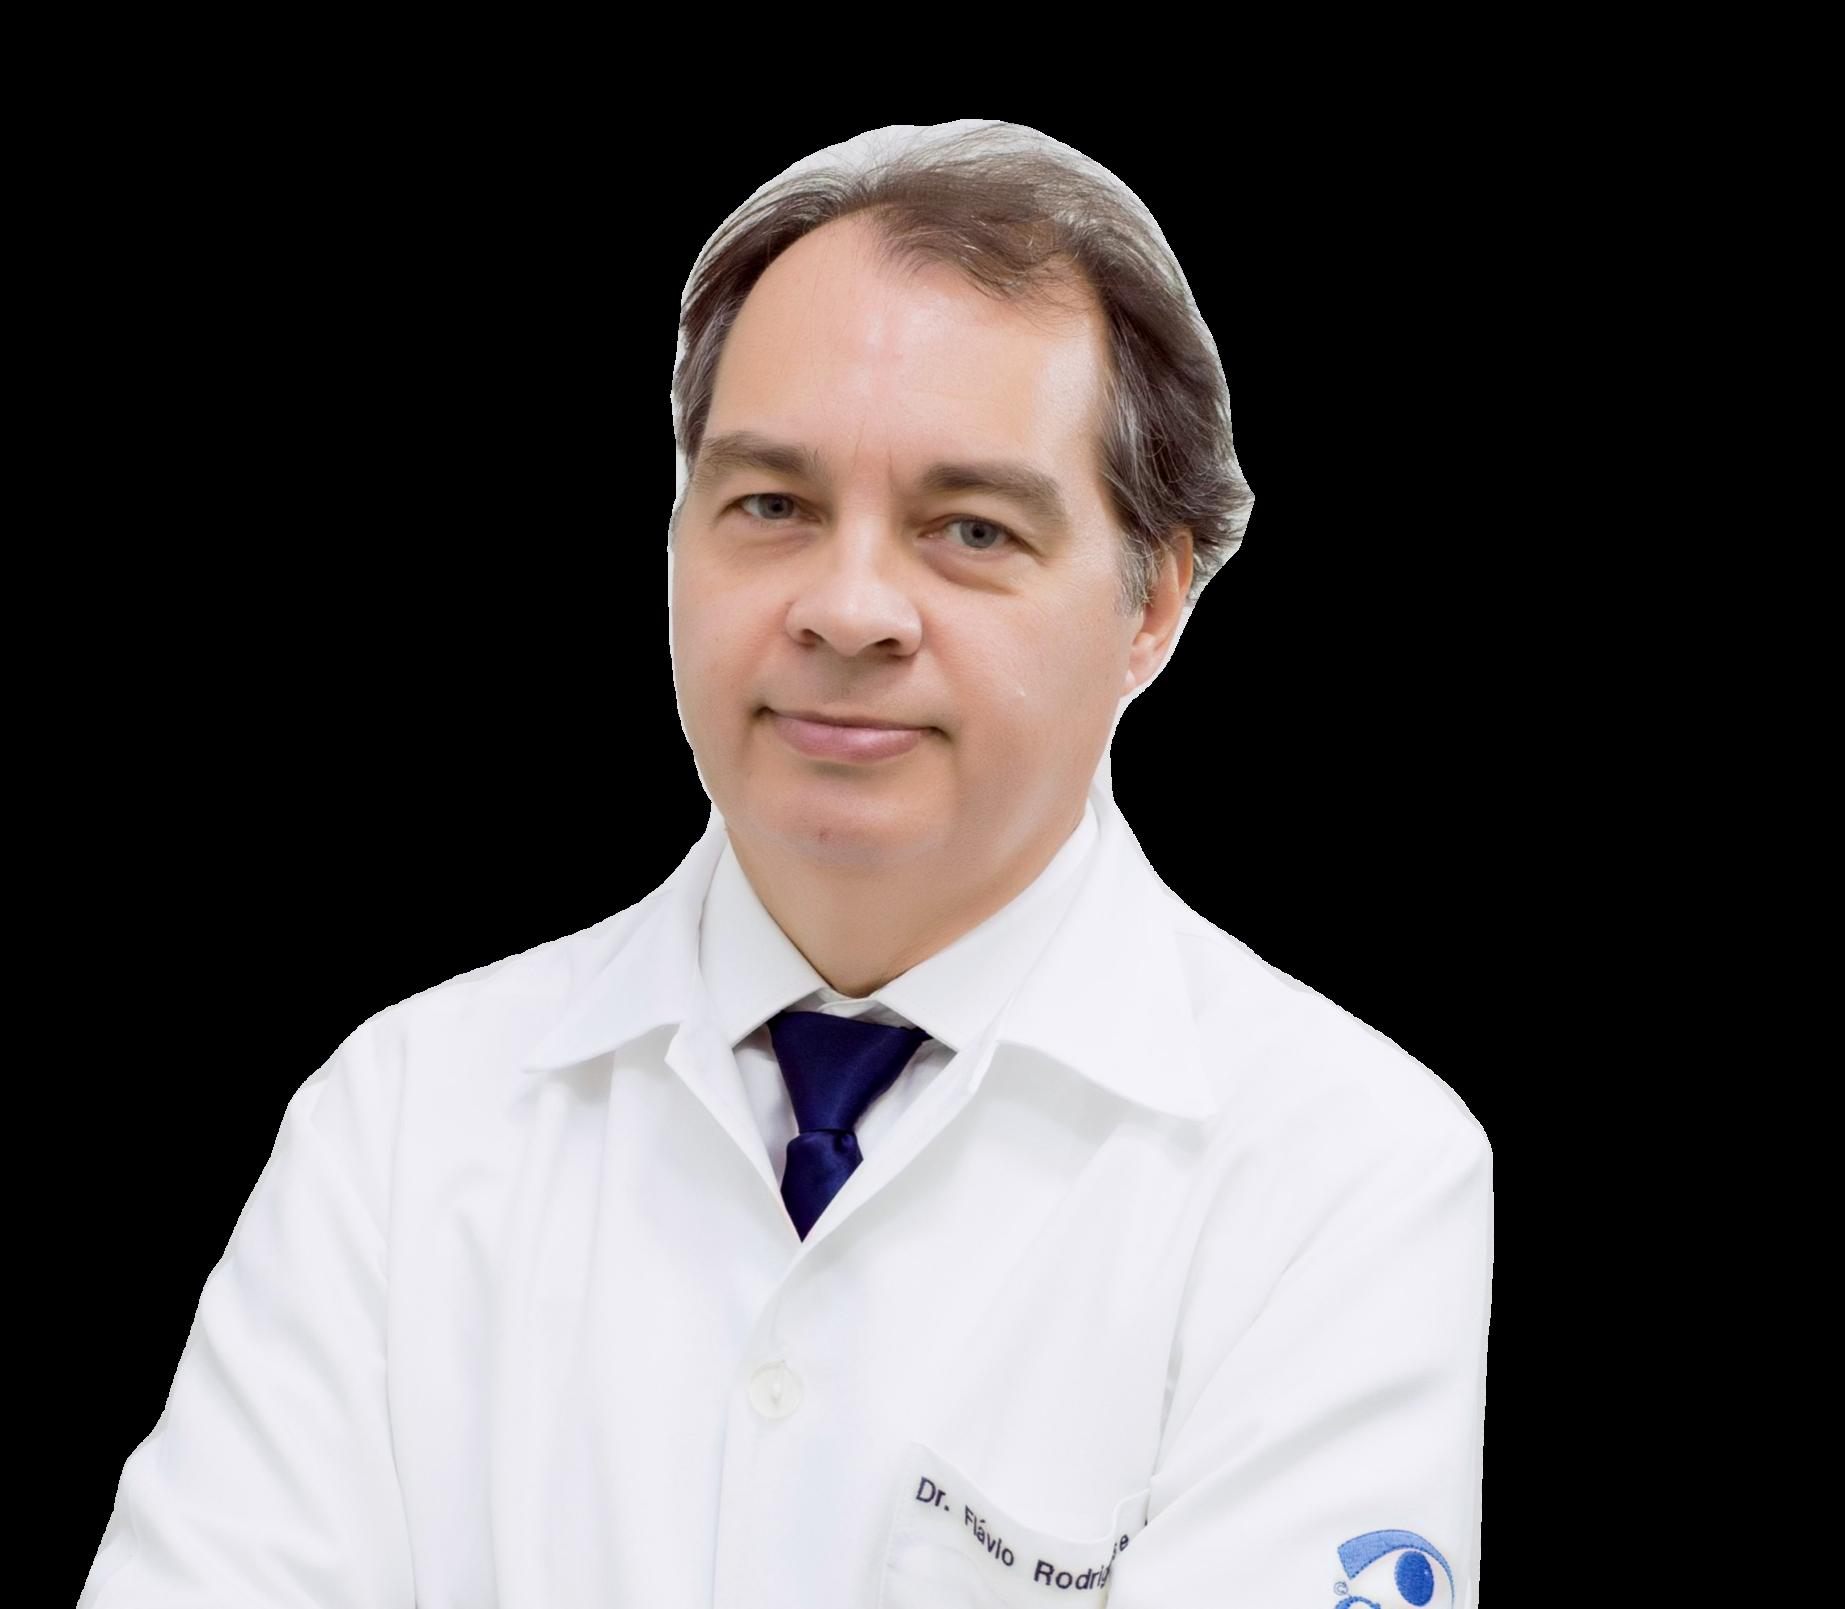 Agendamento online Dr. Flávio Rodrigues